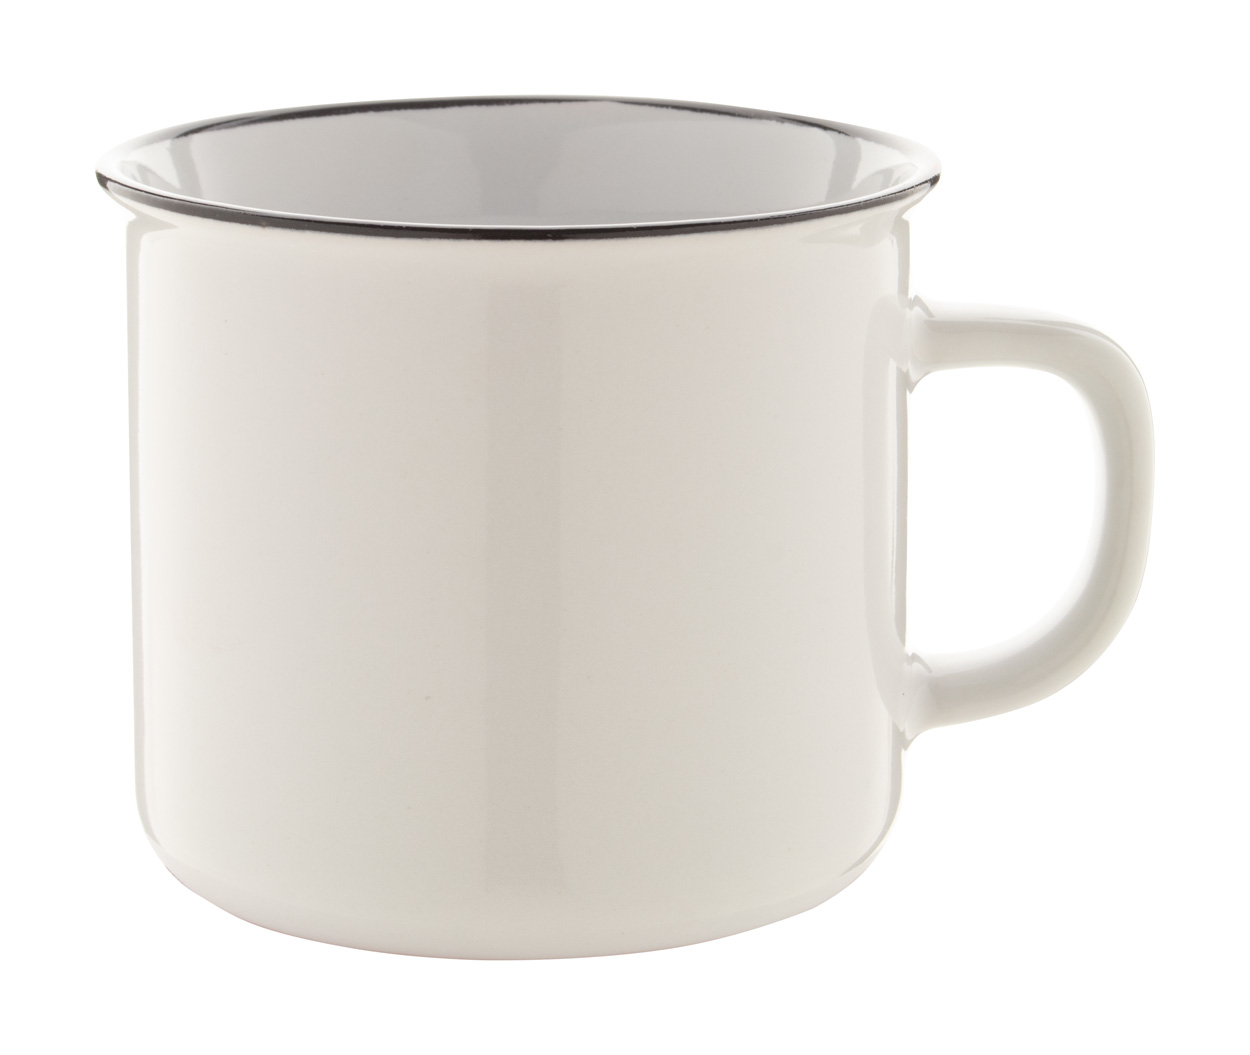 Woodstock vintage mug